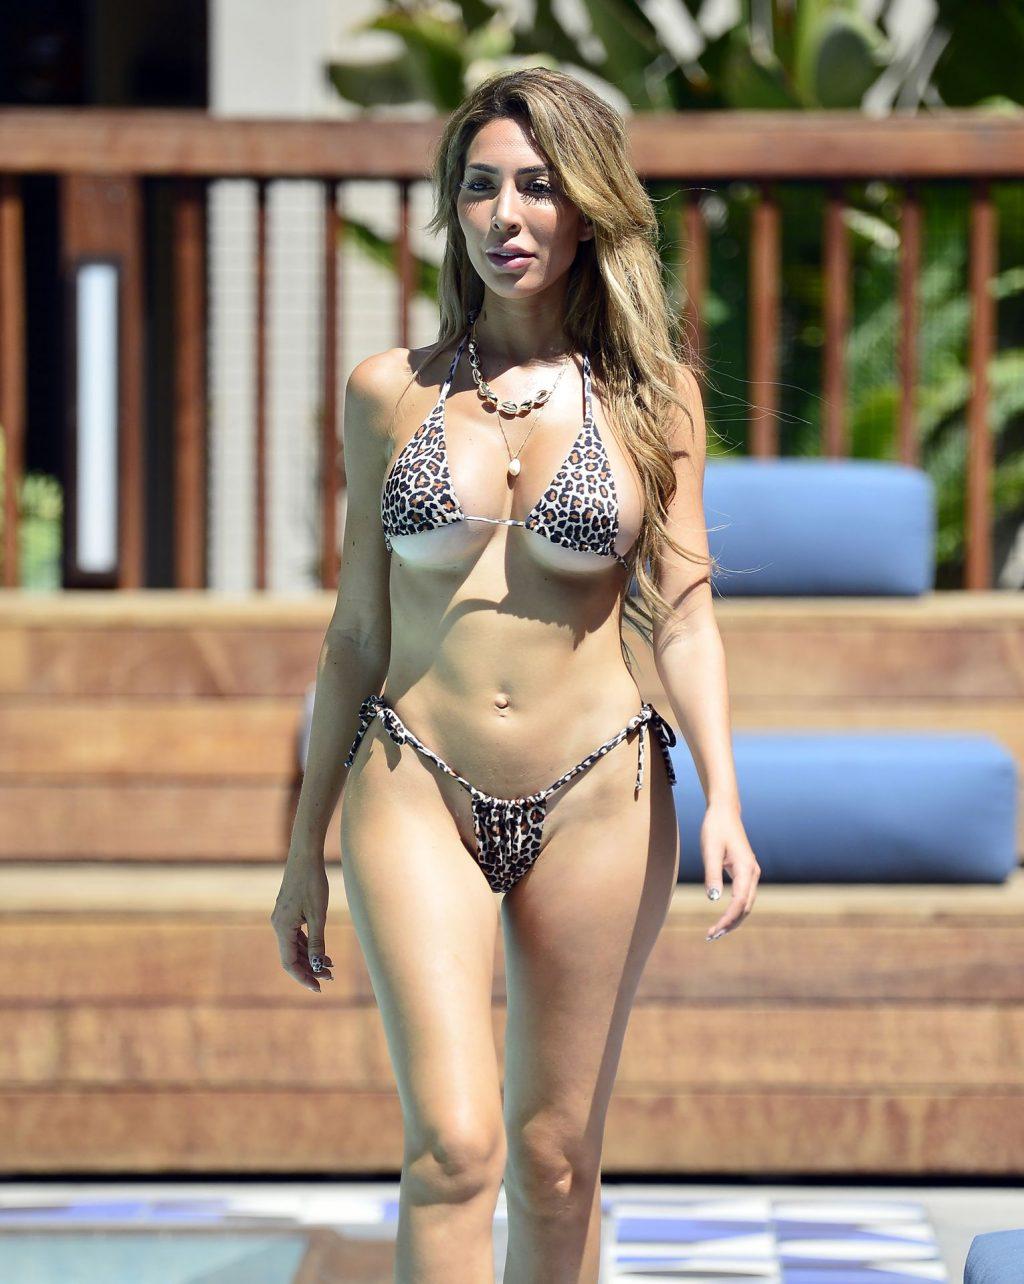 Farrah Abraham Sexy Thefappeningblog Com 18 1024x1284